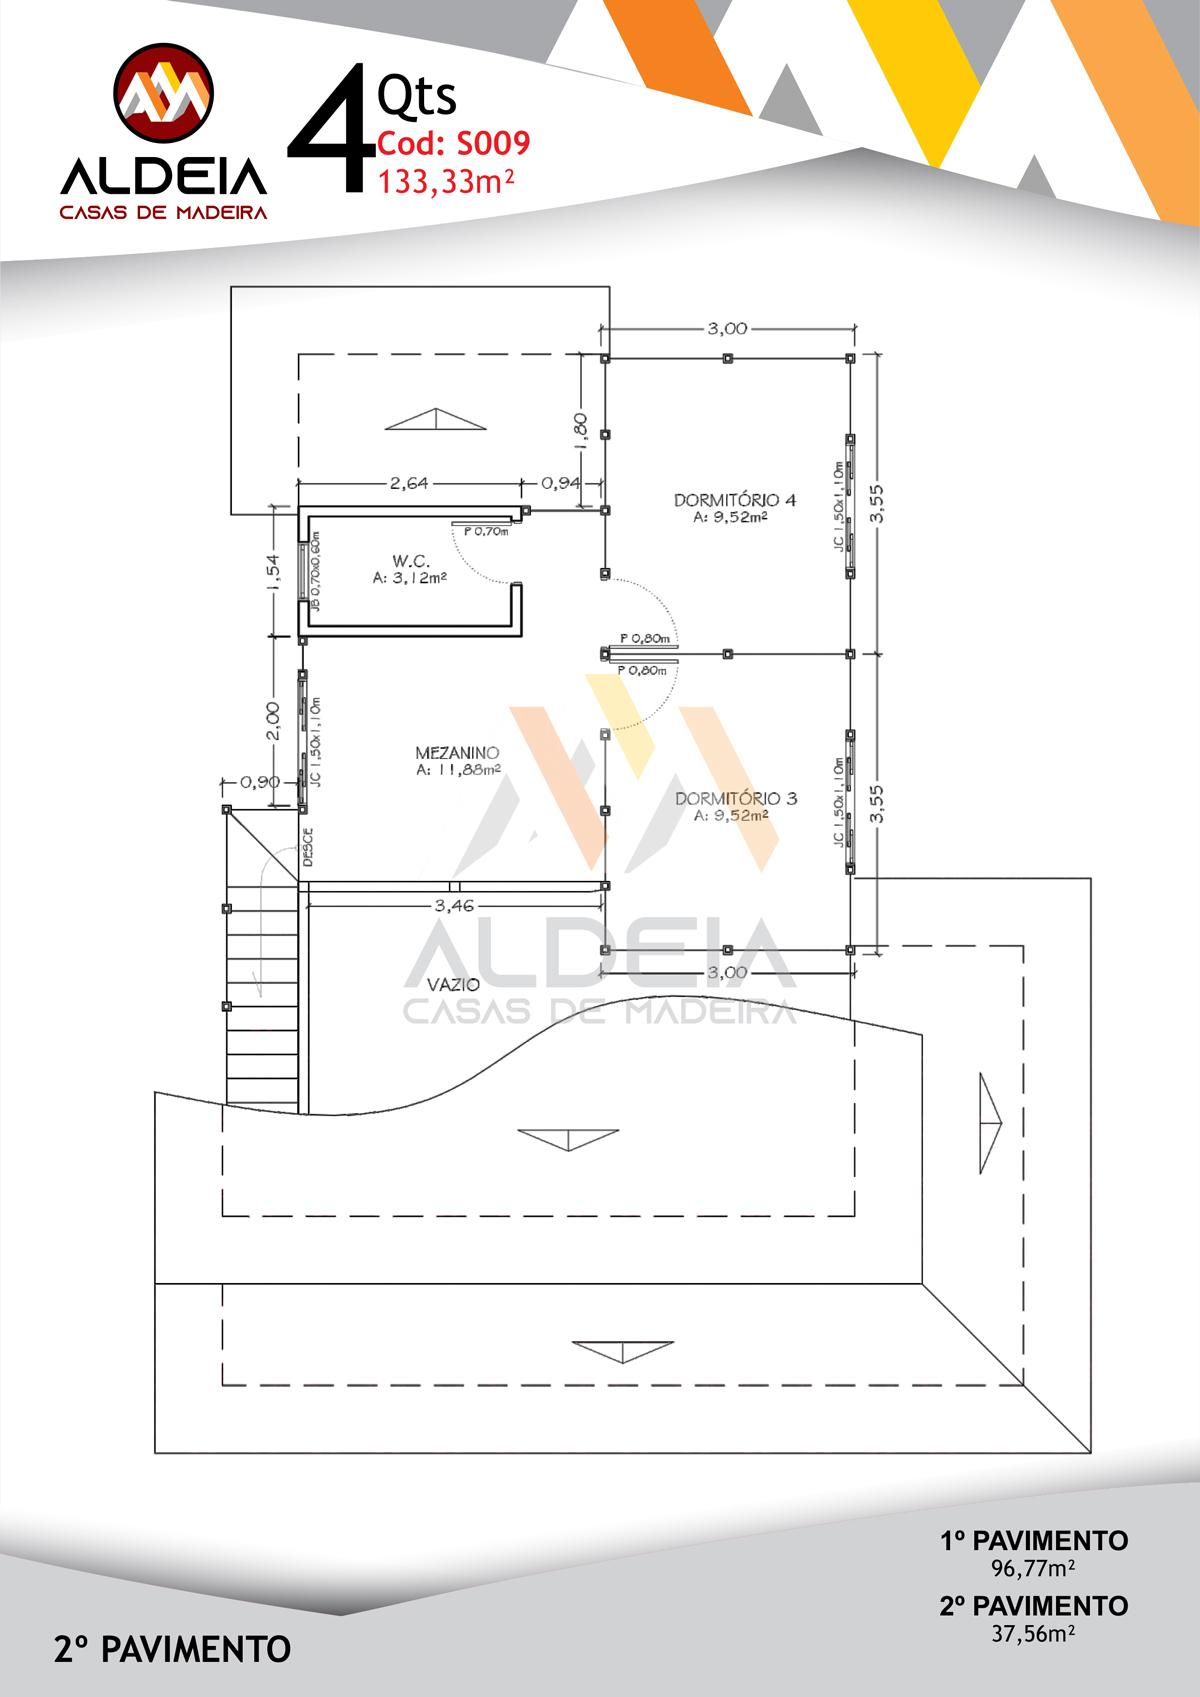 aldeia-casas-madeira-arquitetura-S009-2